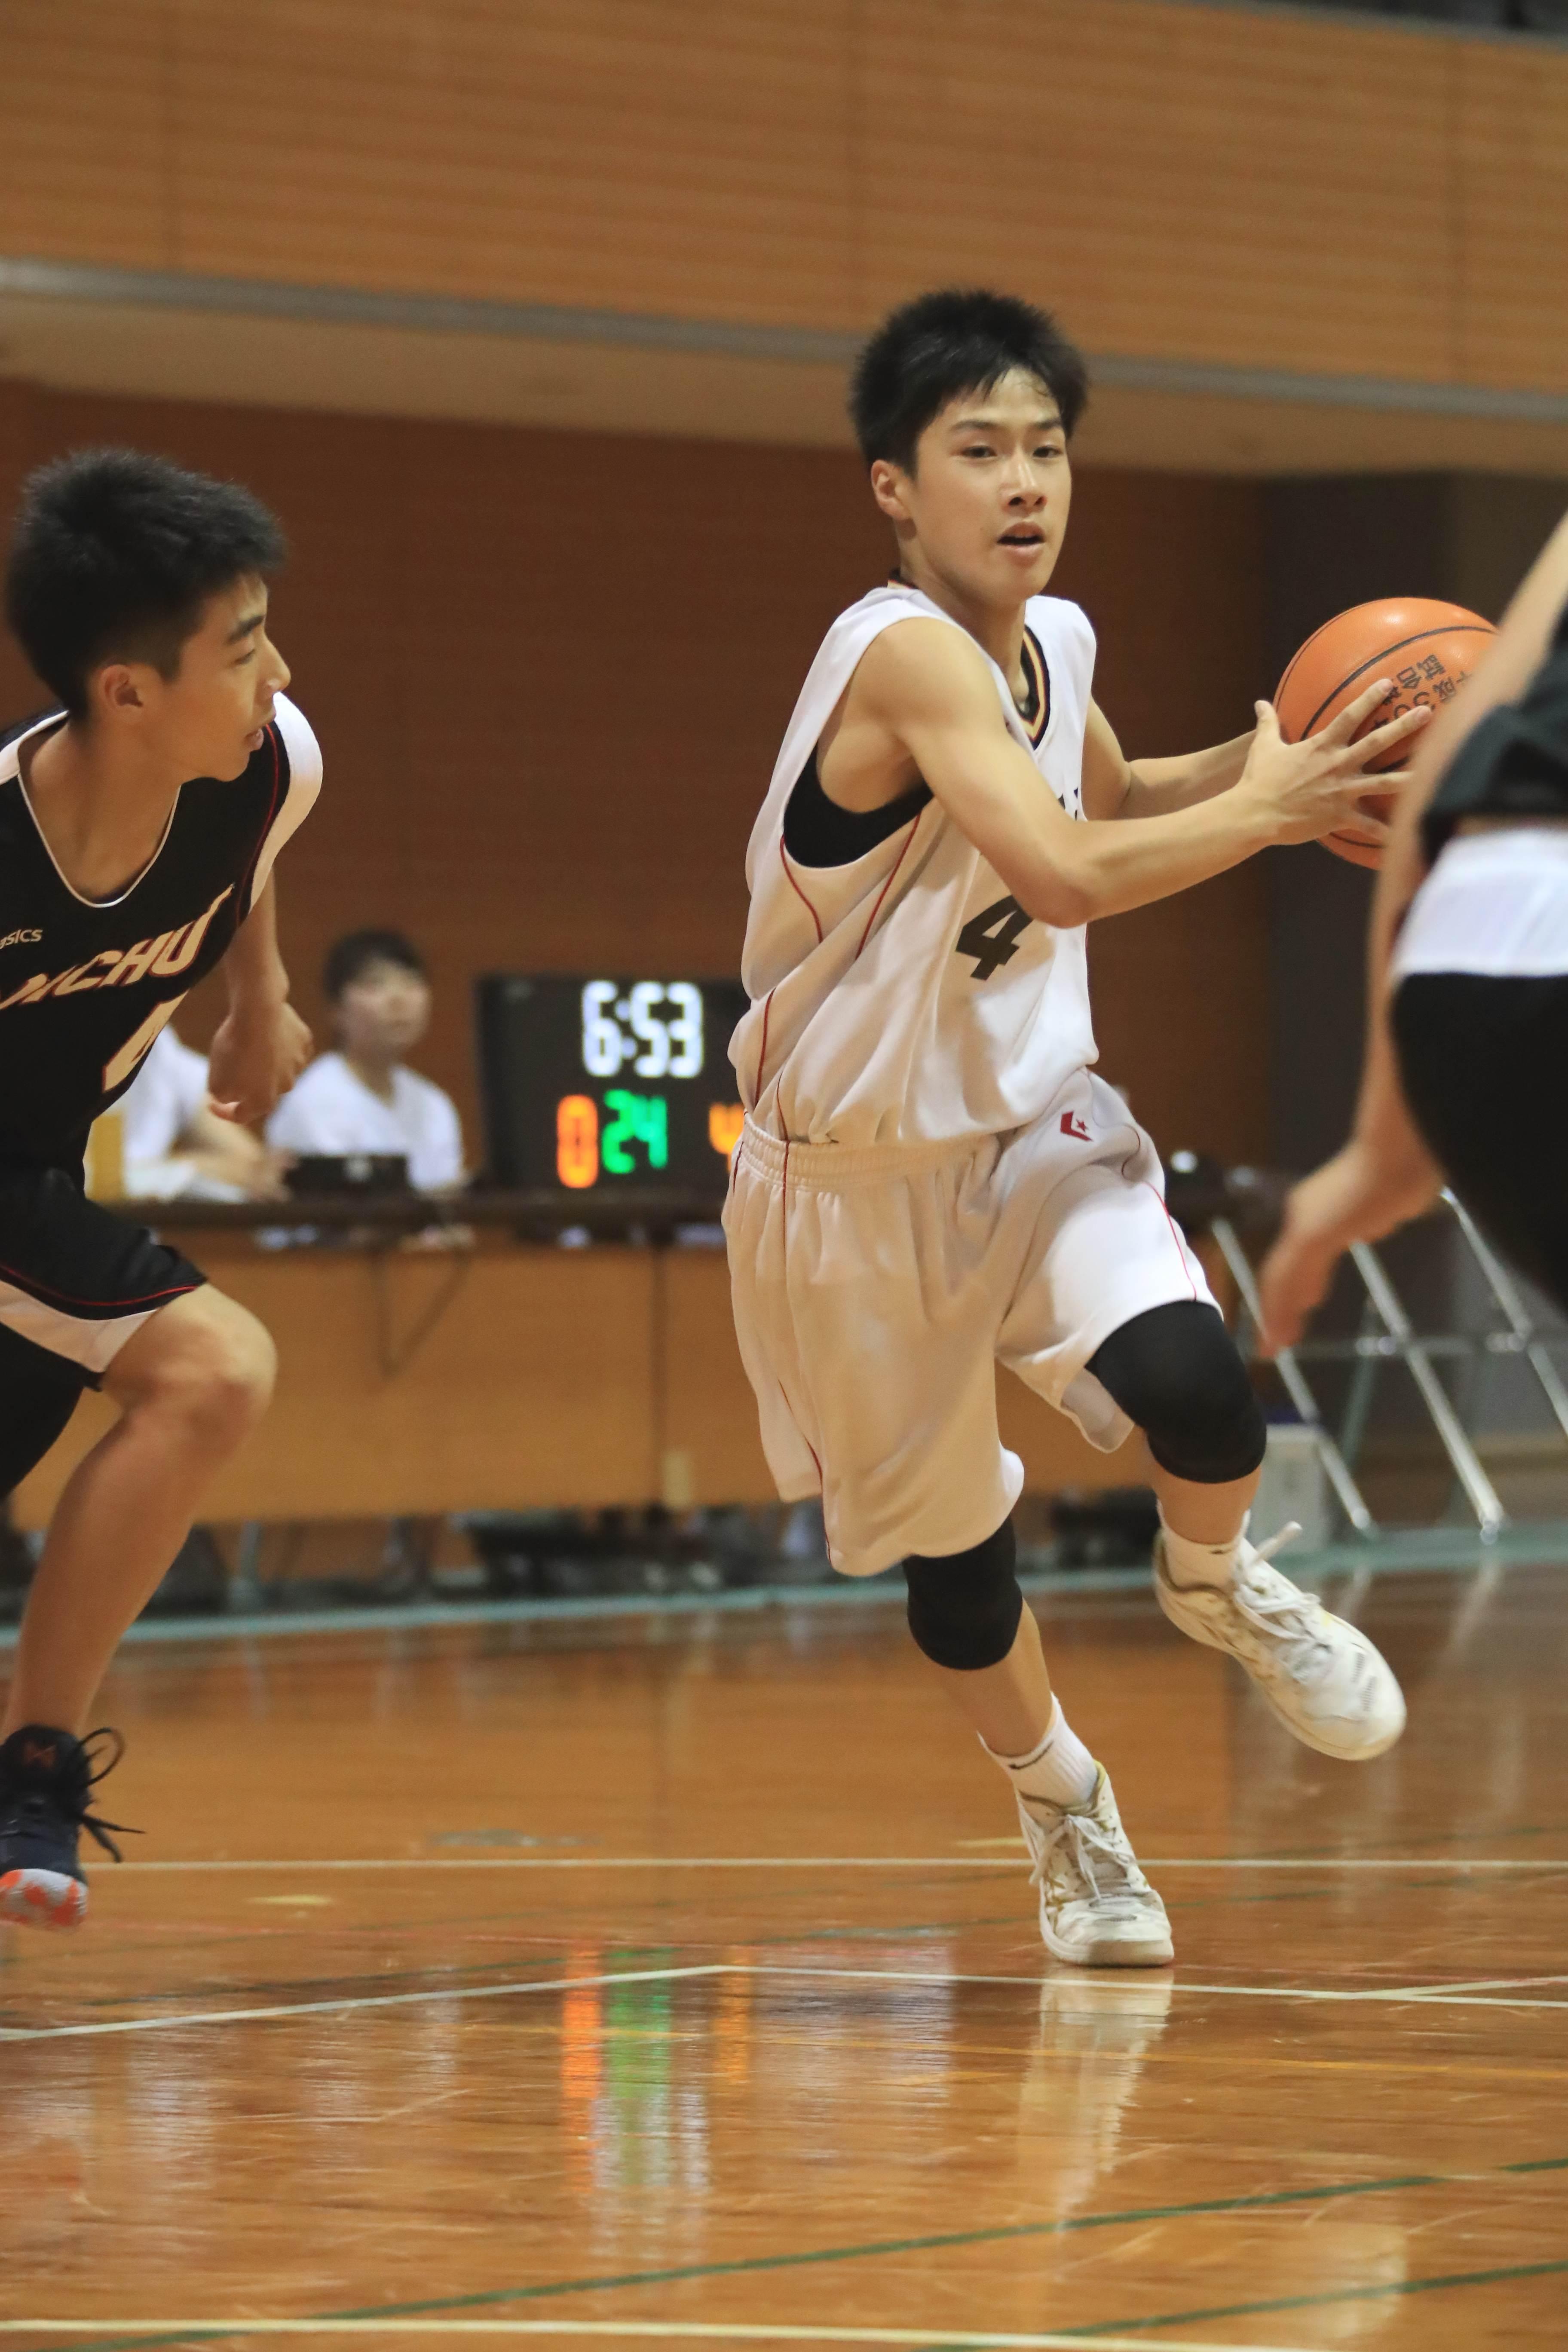 バスケットボール (93)